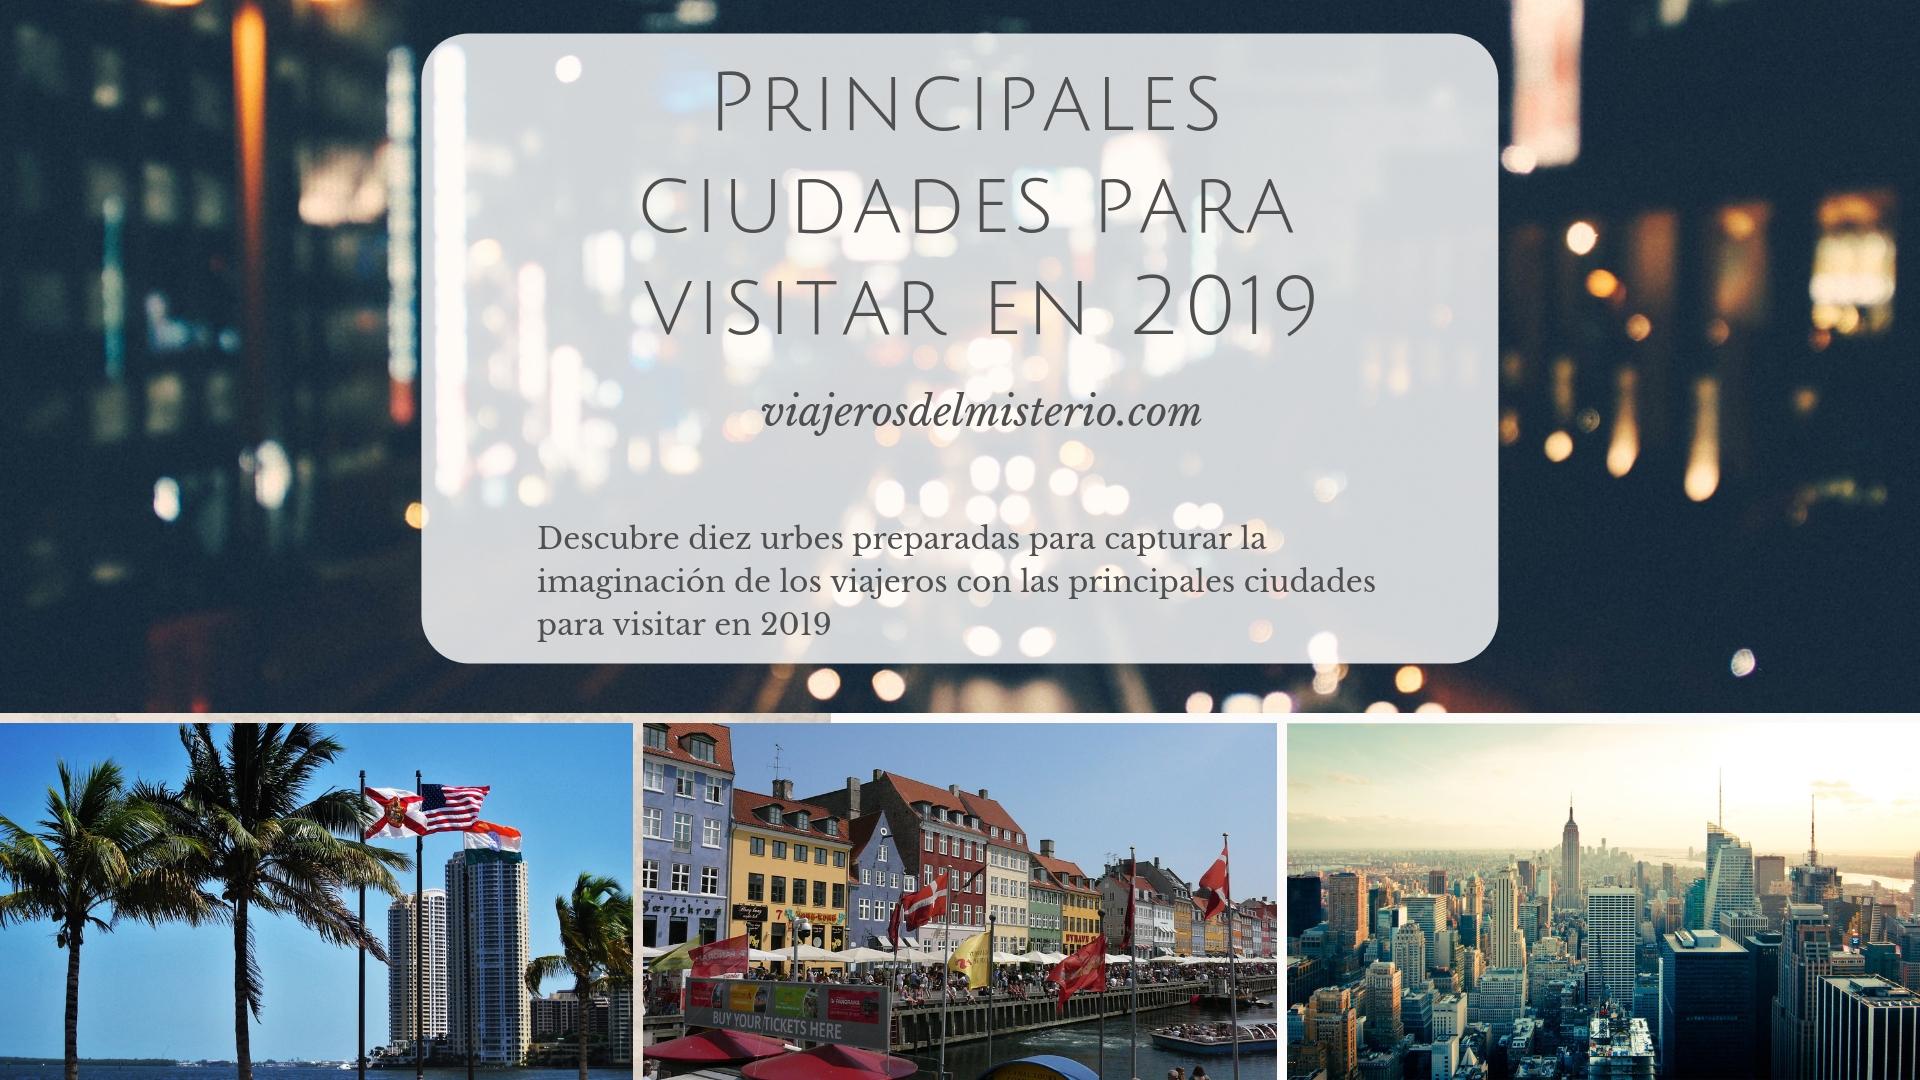 principales ciudades para visitar en 2019